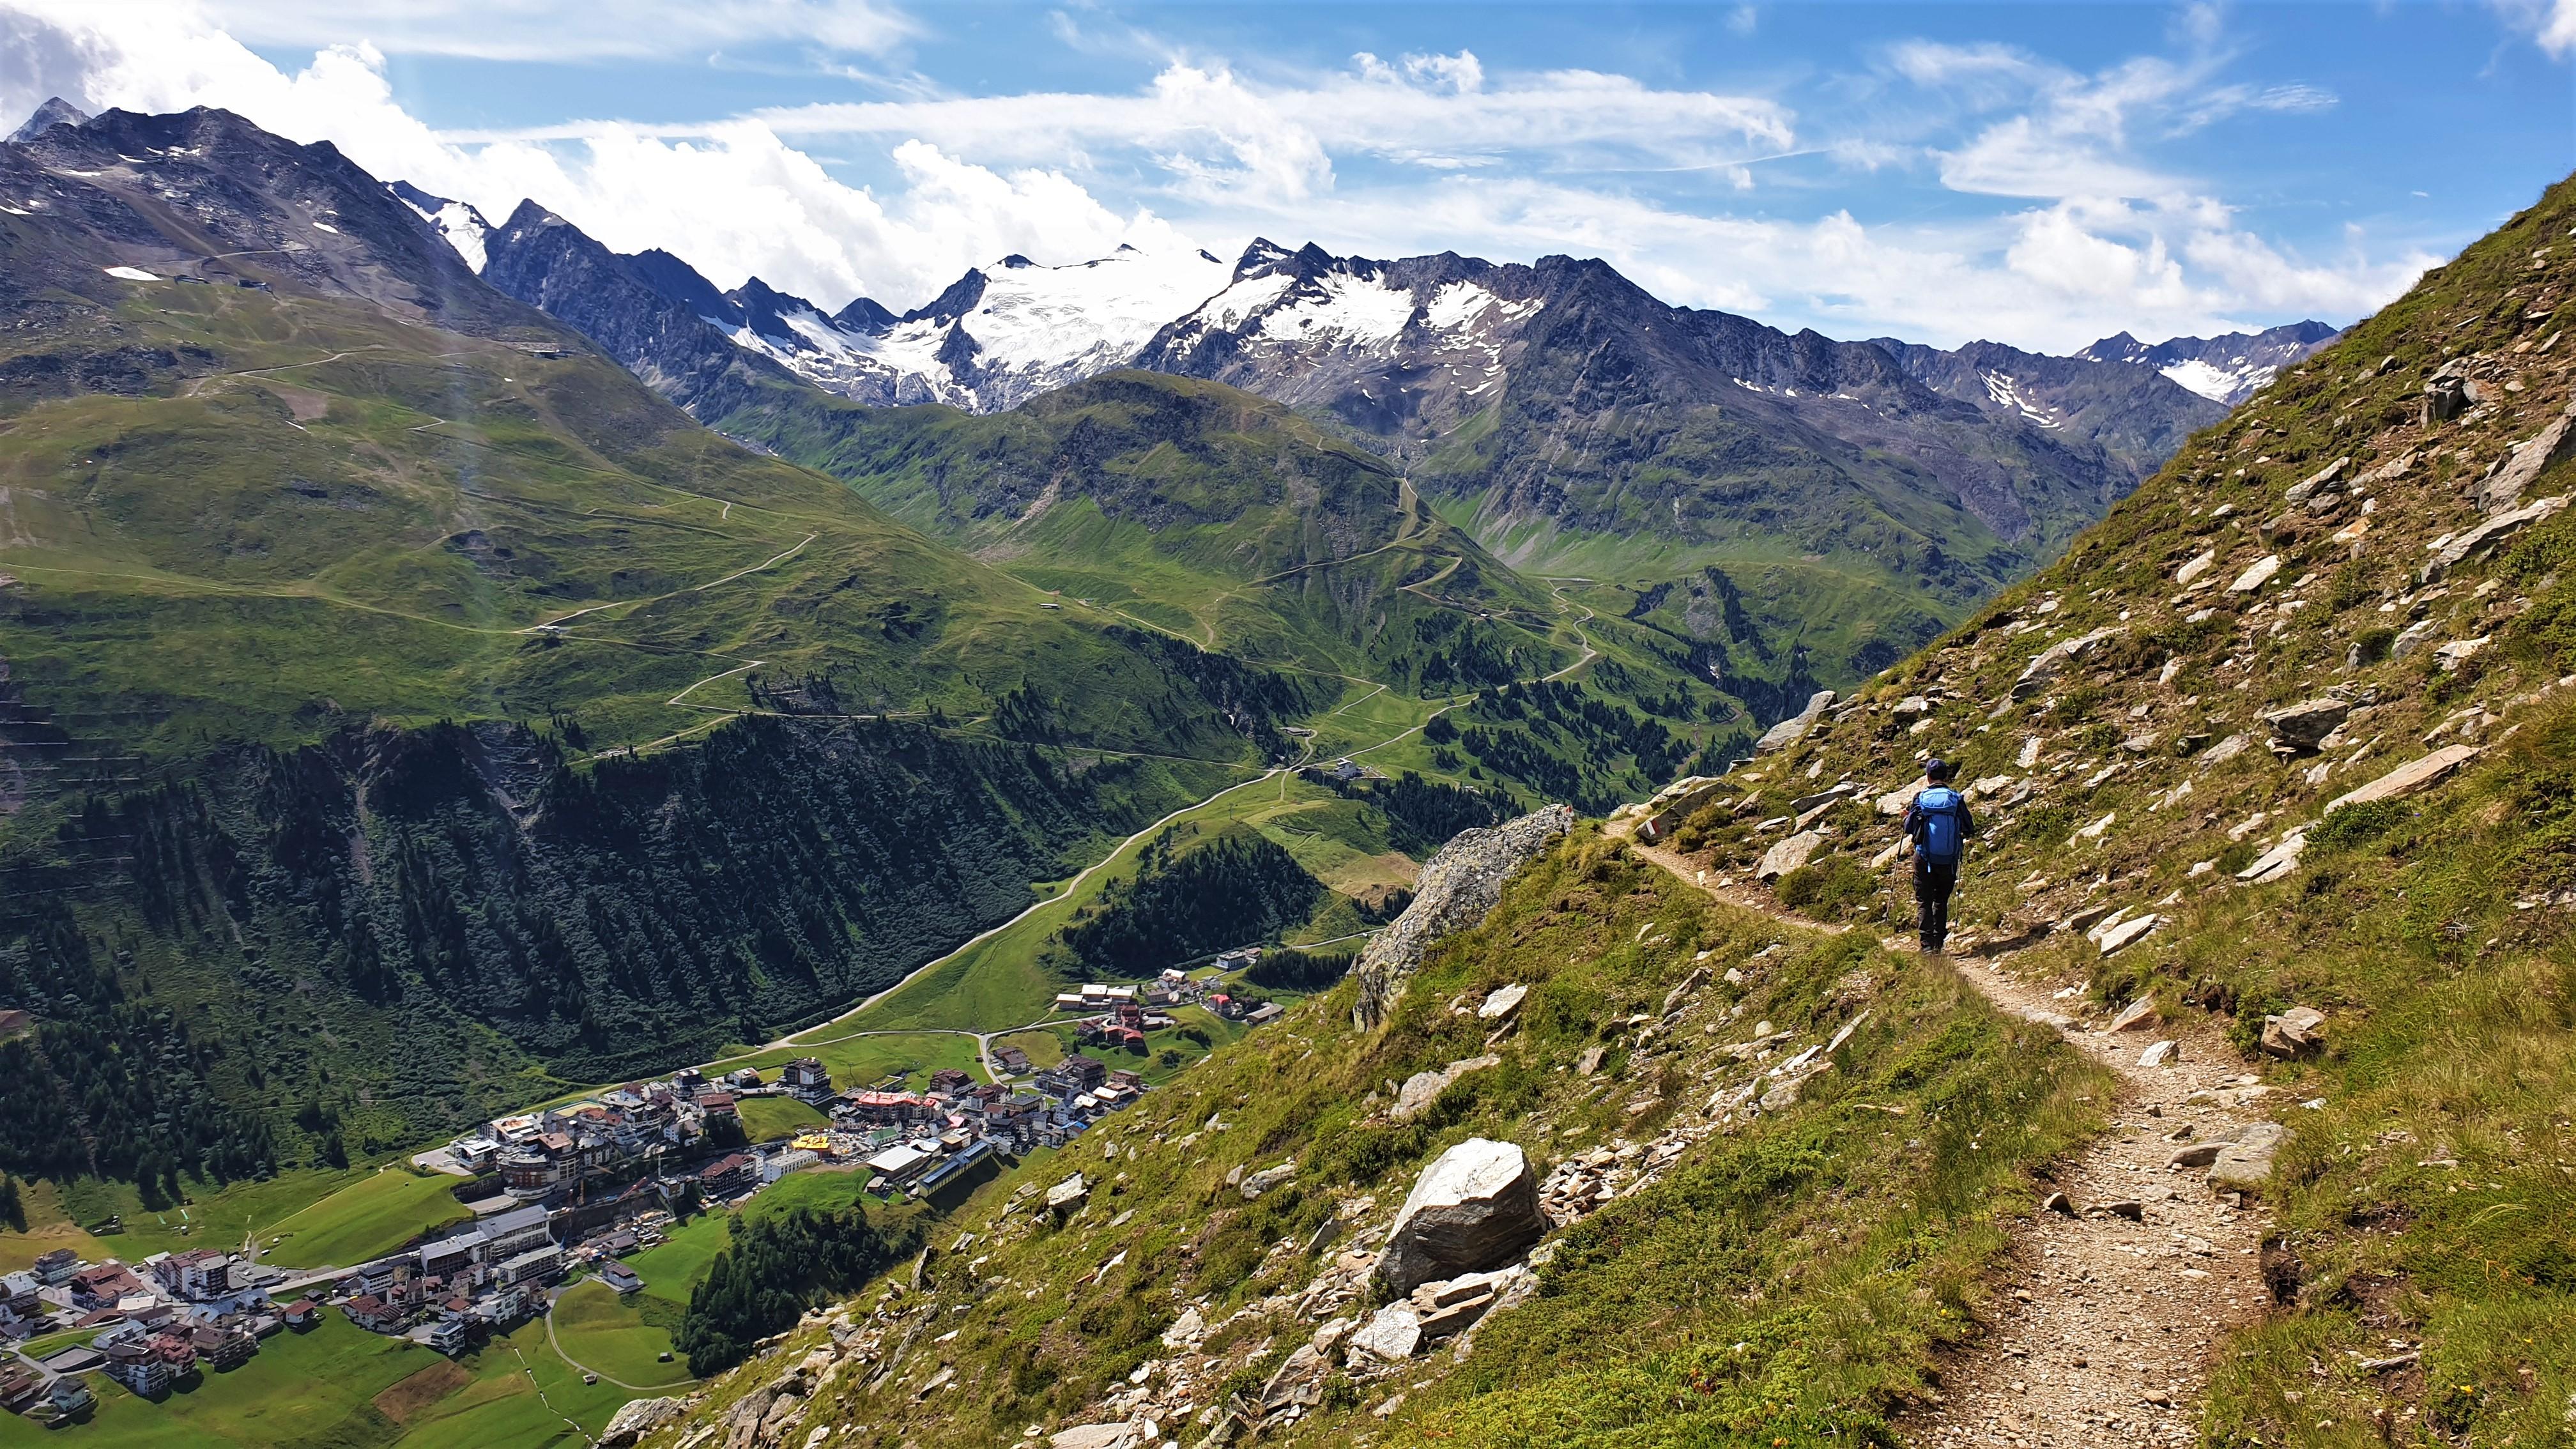 Schönstes Foto Landschaft: Gurgler Tal mit Hochgurgl un den Gipfeln der Stubaier Alpen